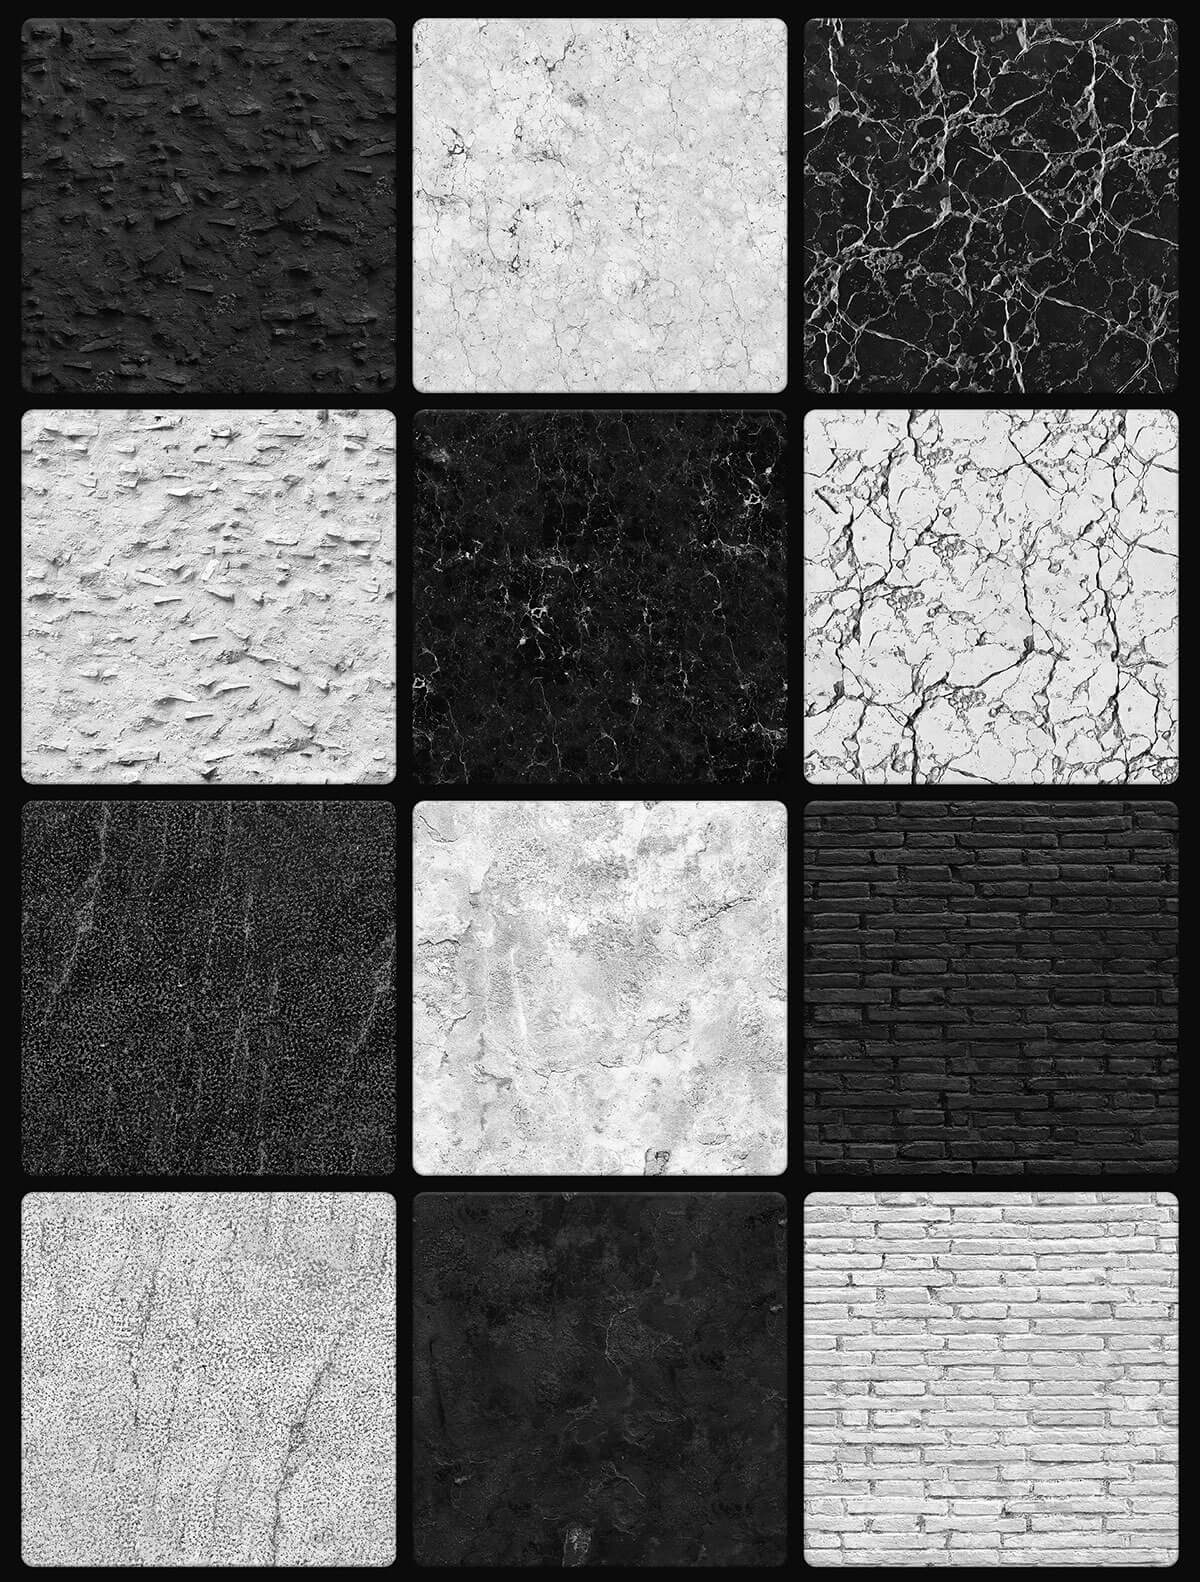 48 Free BW Seamless Textures